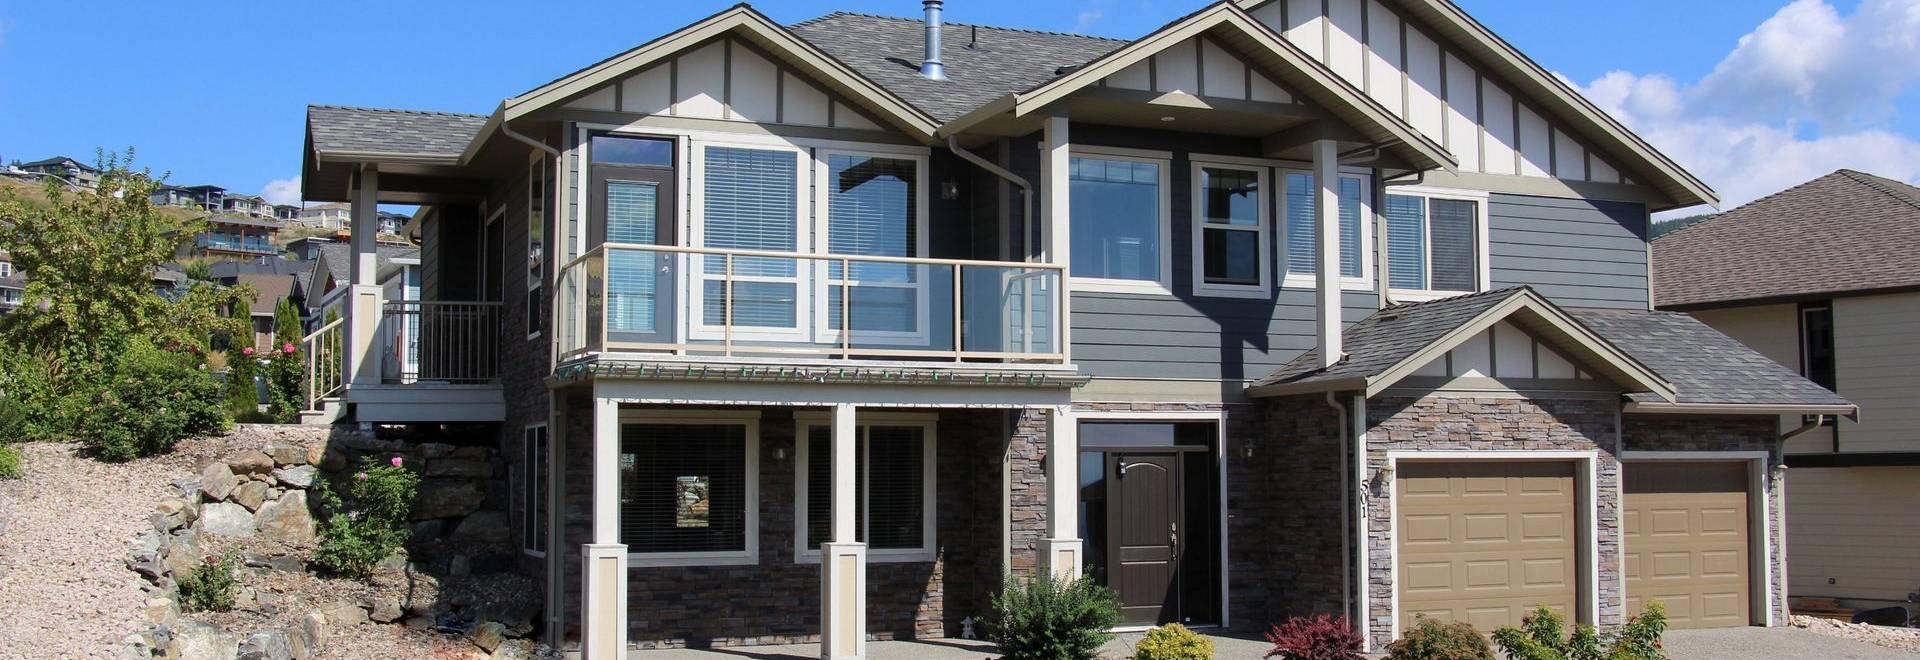 501 Whitecourt Place, Vernon, BC